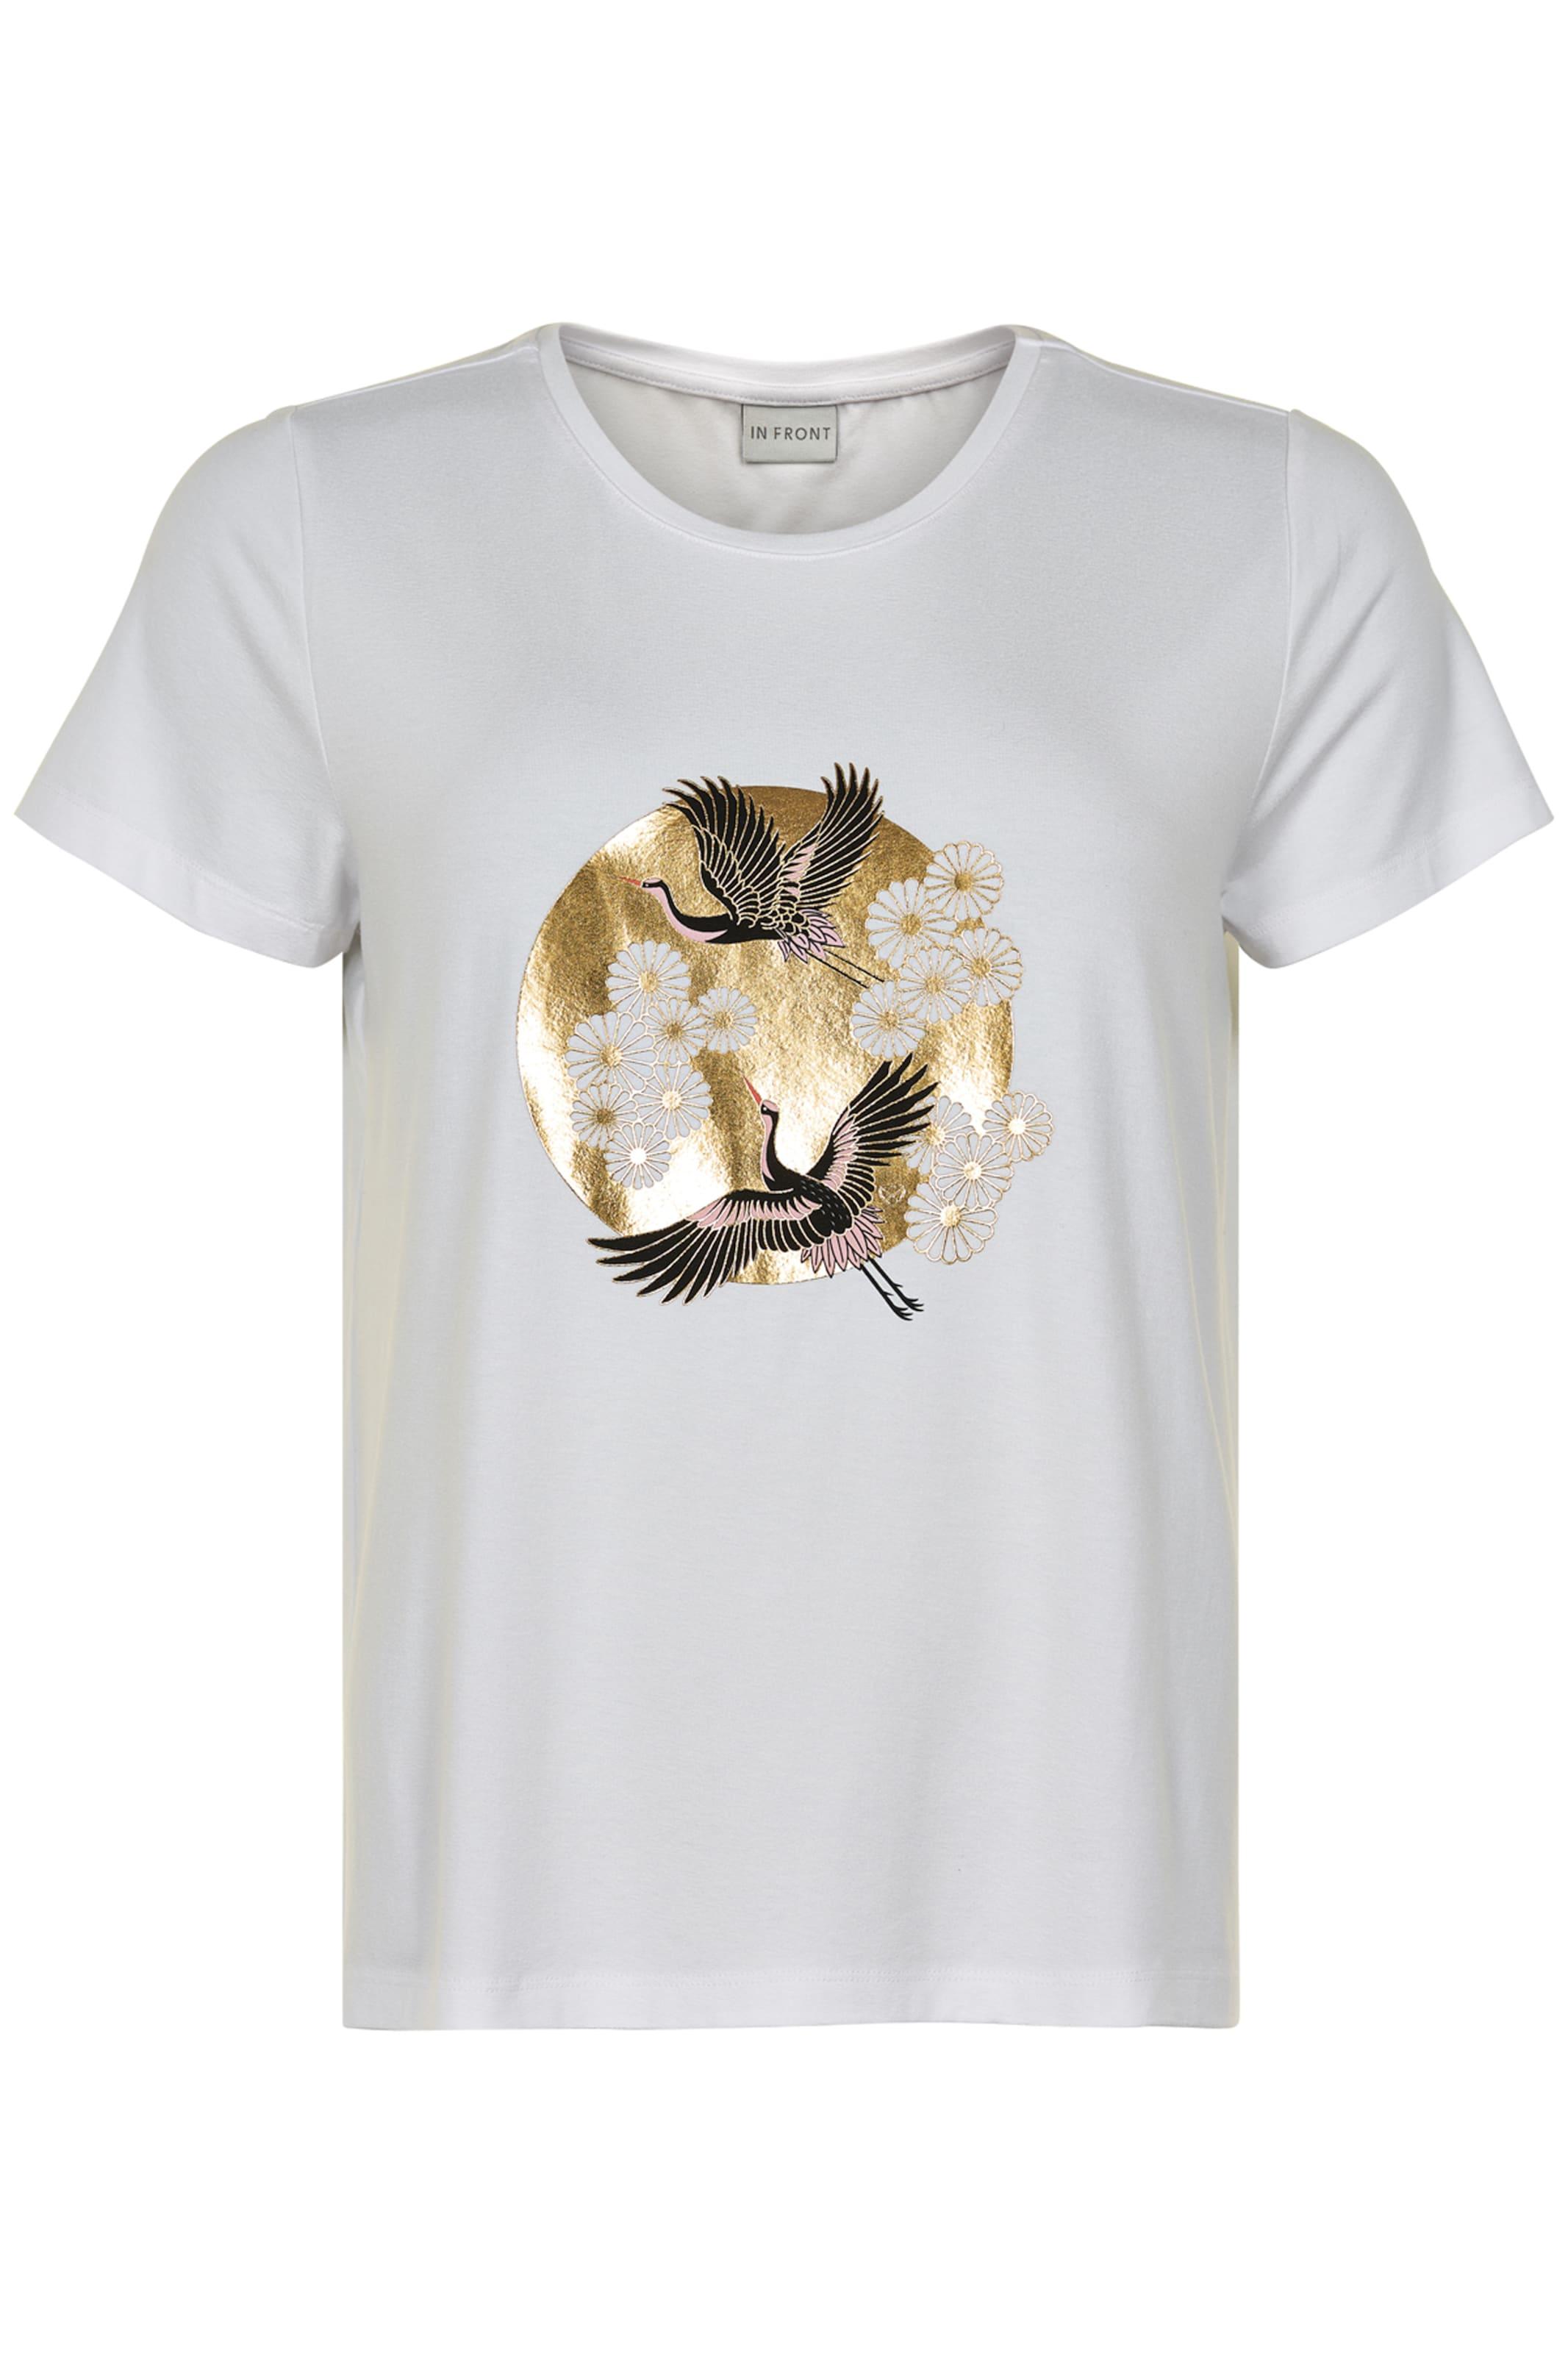 GoldSchwarz Weiß Front shirt 'malla' T In ymIYf7bv6g